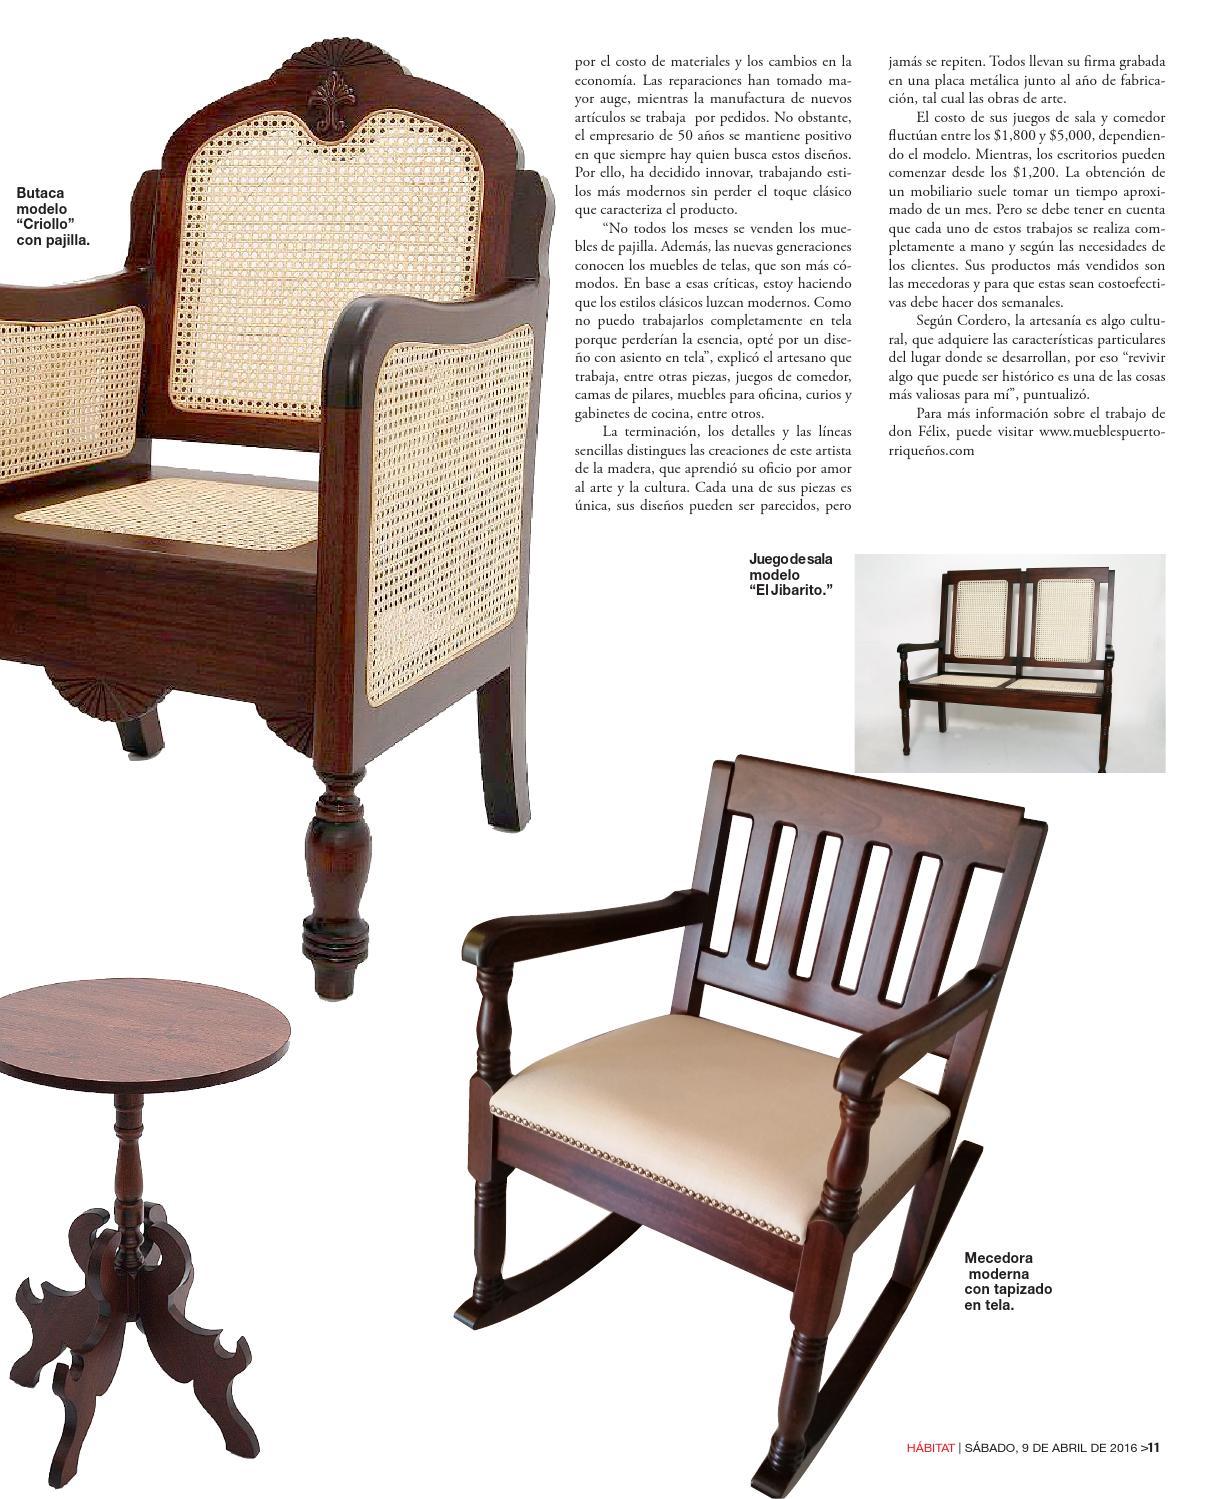 Muebles Con Pajilla - Revista Digital H Bitat 8 De Abril De 2016 By El Vocero De Puerto [mjhdah]https://i.pinimg.com/originals/d0/78/7e/d0787e2374de69941f537fbbacc93e9f.jpg